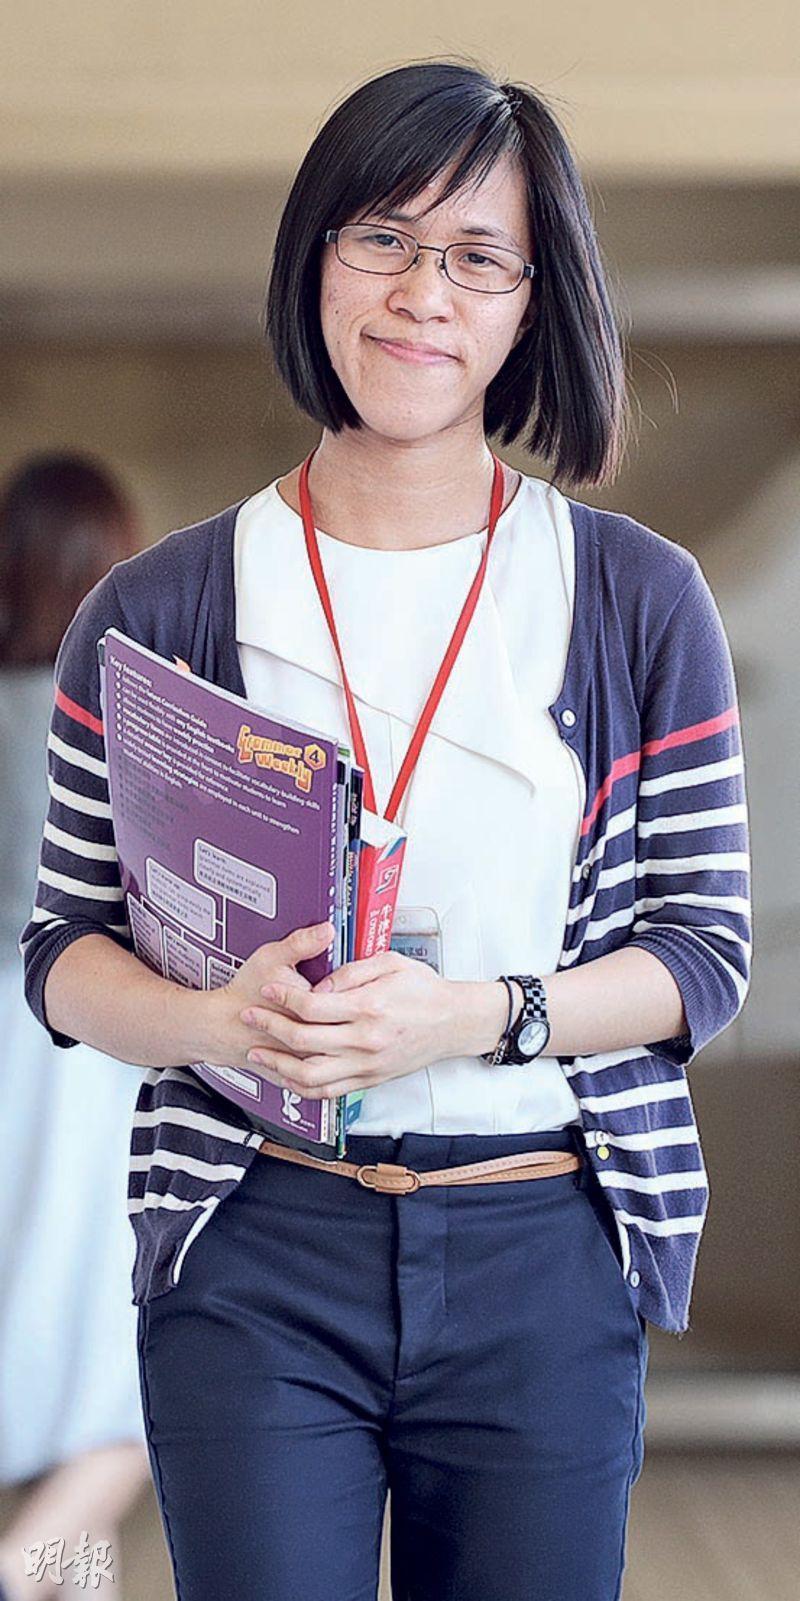 牛津修課——Lilian暑假期間到牛津大學Worcester College參加短期進修課程,獲益良多。